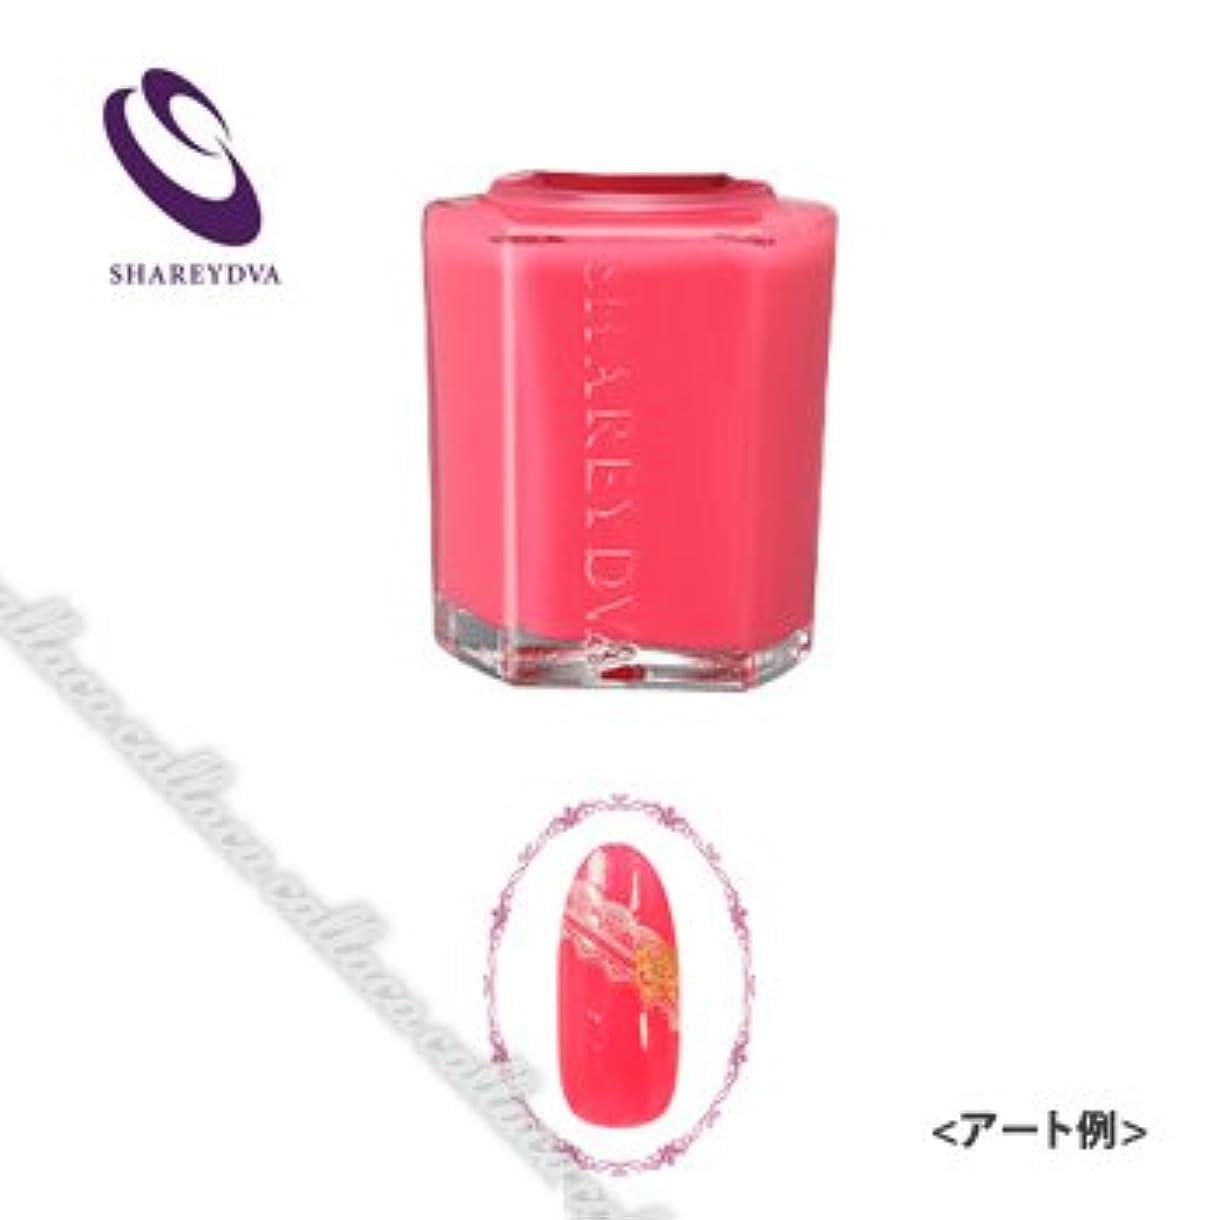 深遠カヌー増幅SHAREYDVAカラー No.35(15ml)